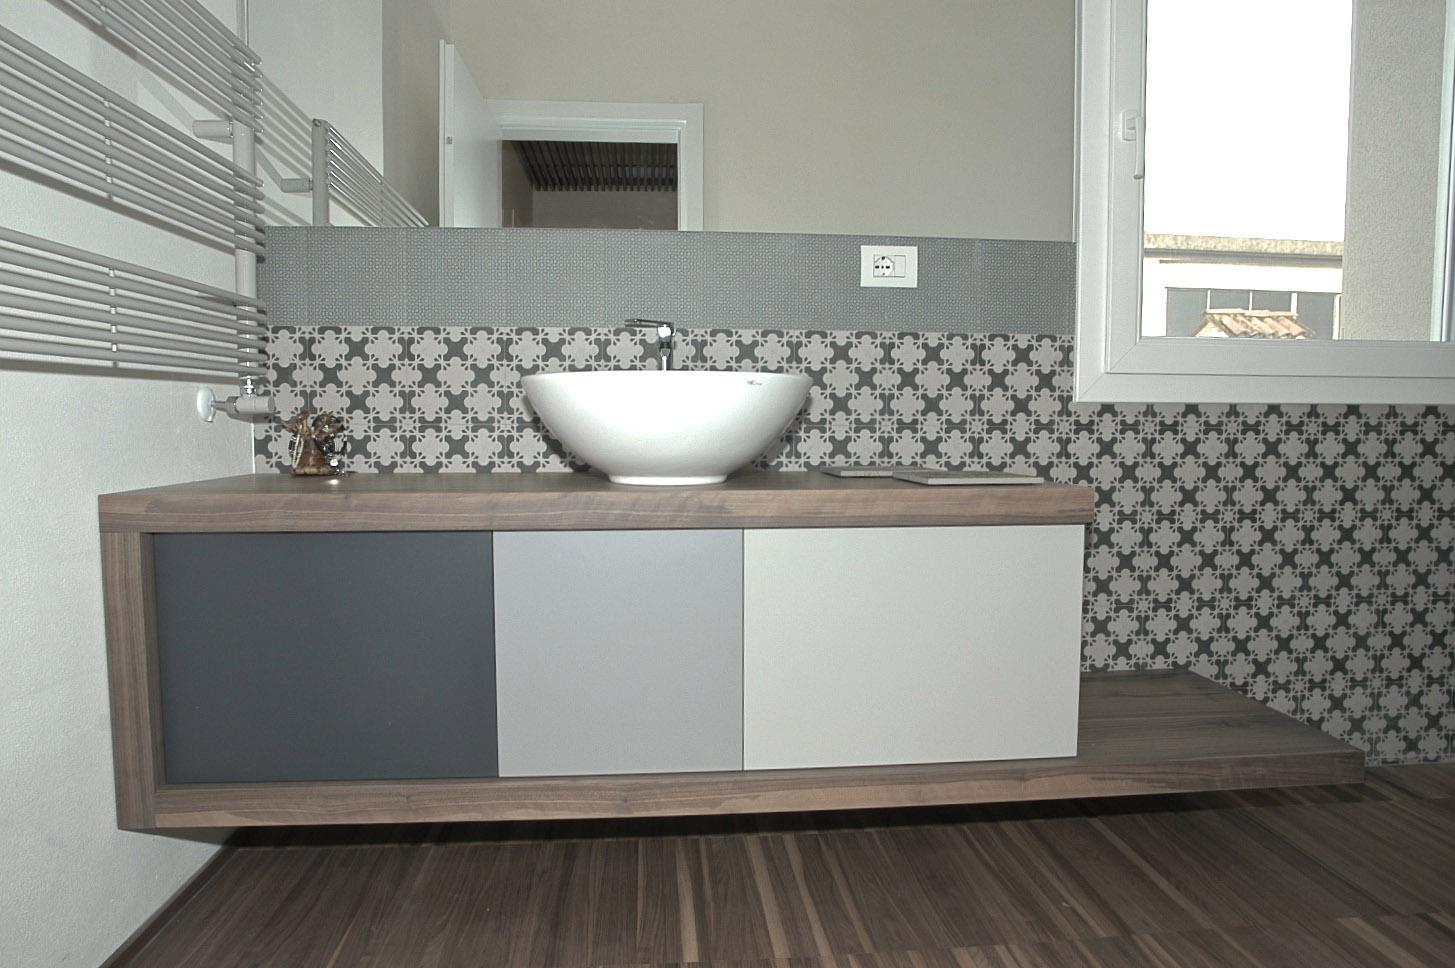 cassettiere bagno ~ la scelta giusta per il design domestico - Cassettiera Arredo Bagno